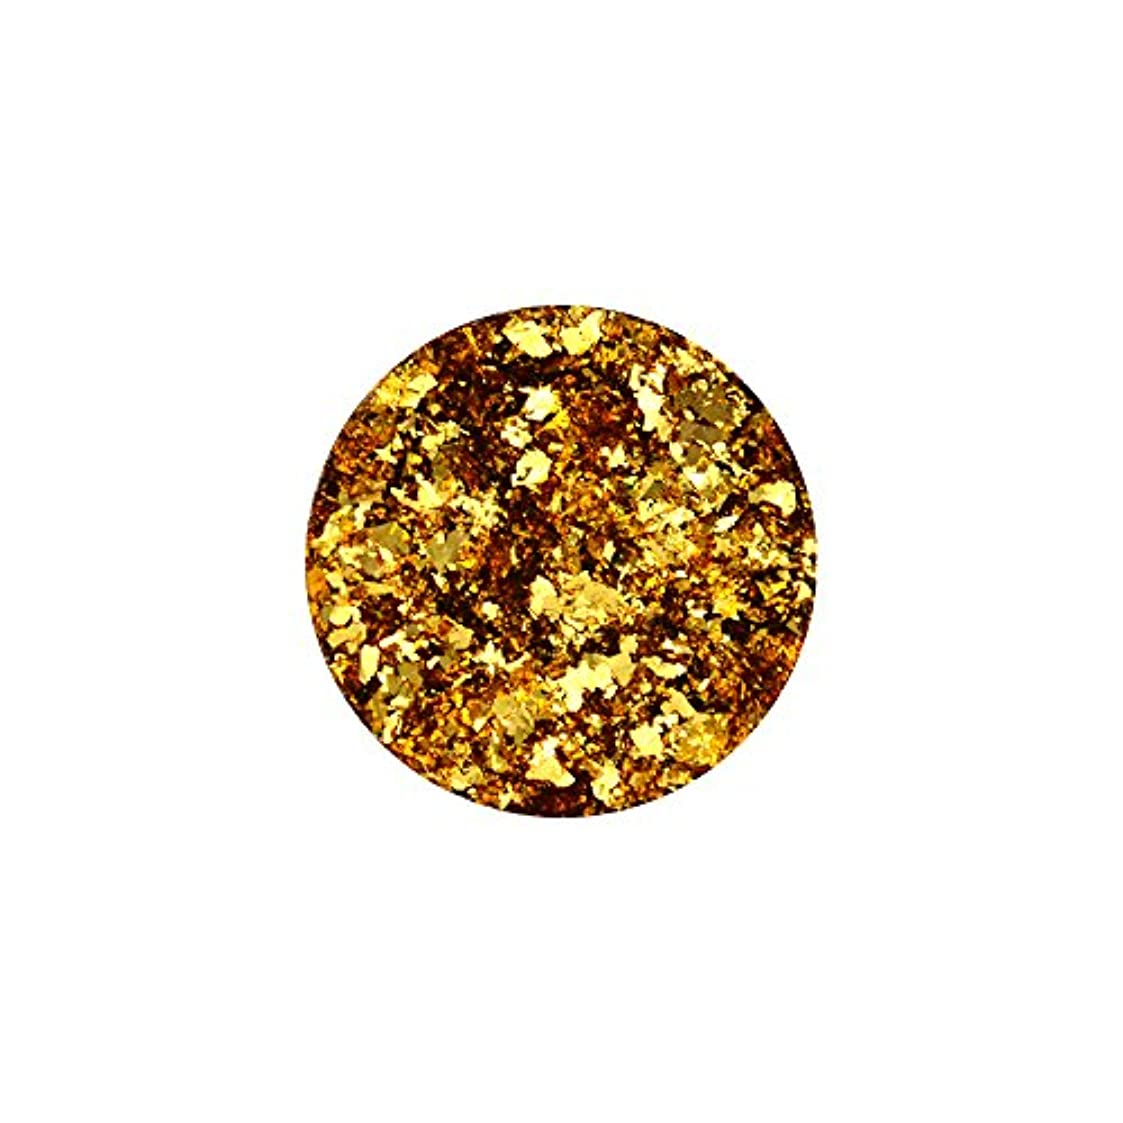 アトム利得購入乱切りパウダーホイル 【ゴールド】金箔 ホイル